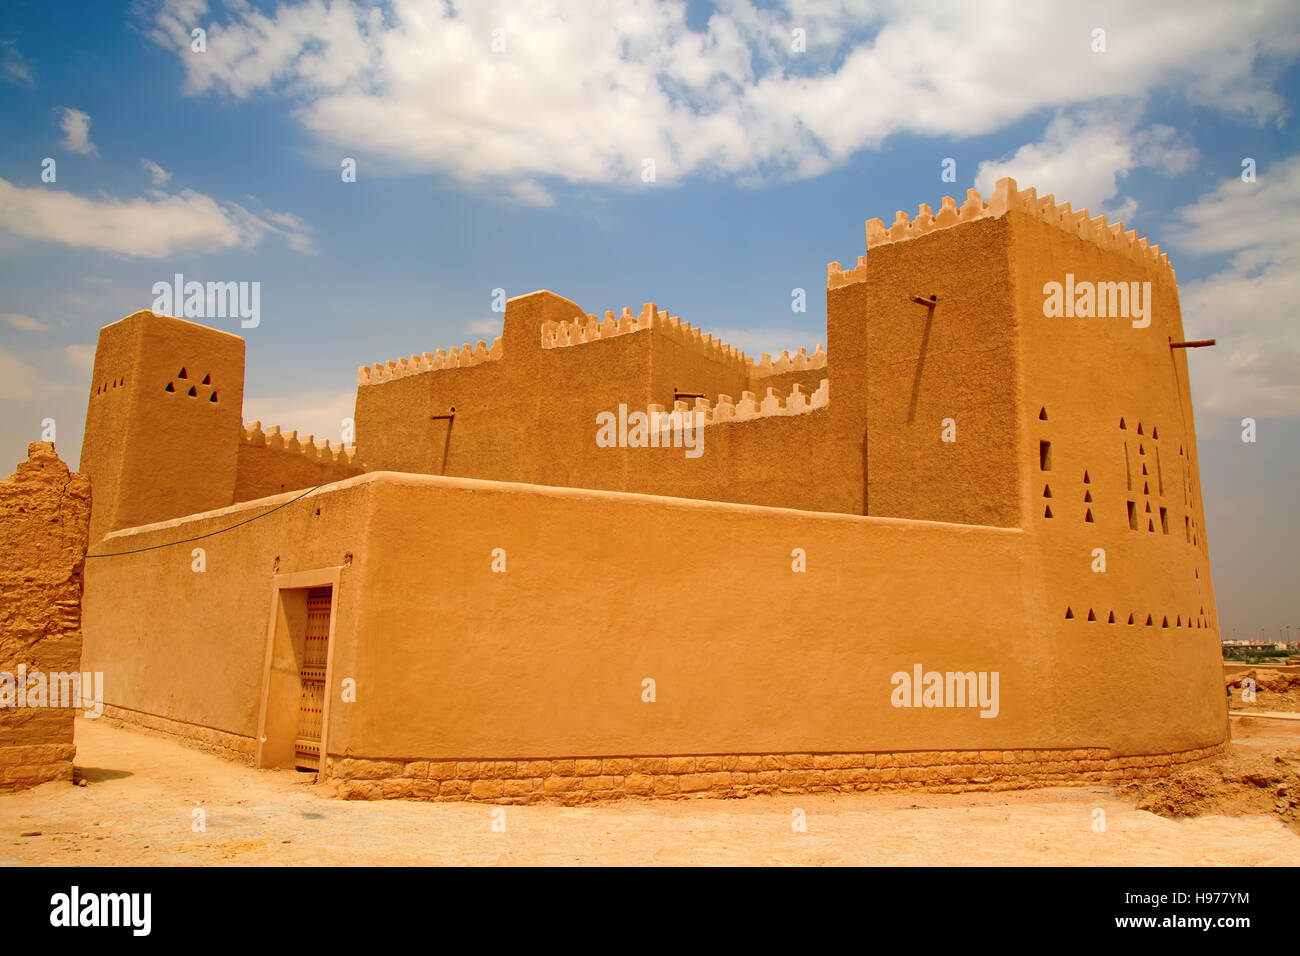 Rues de la vieille ville près de Diriyah Ar Riyadh, Royaume d'Arabie Saoudite Photo Stock